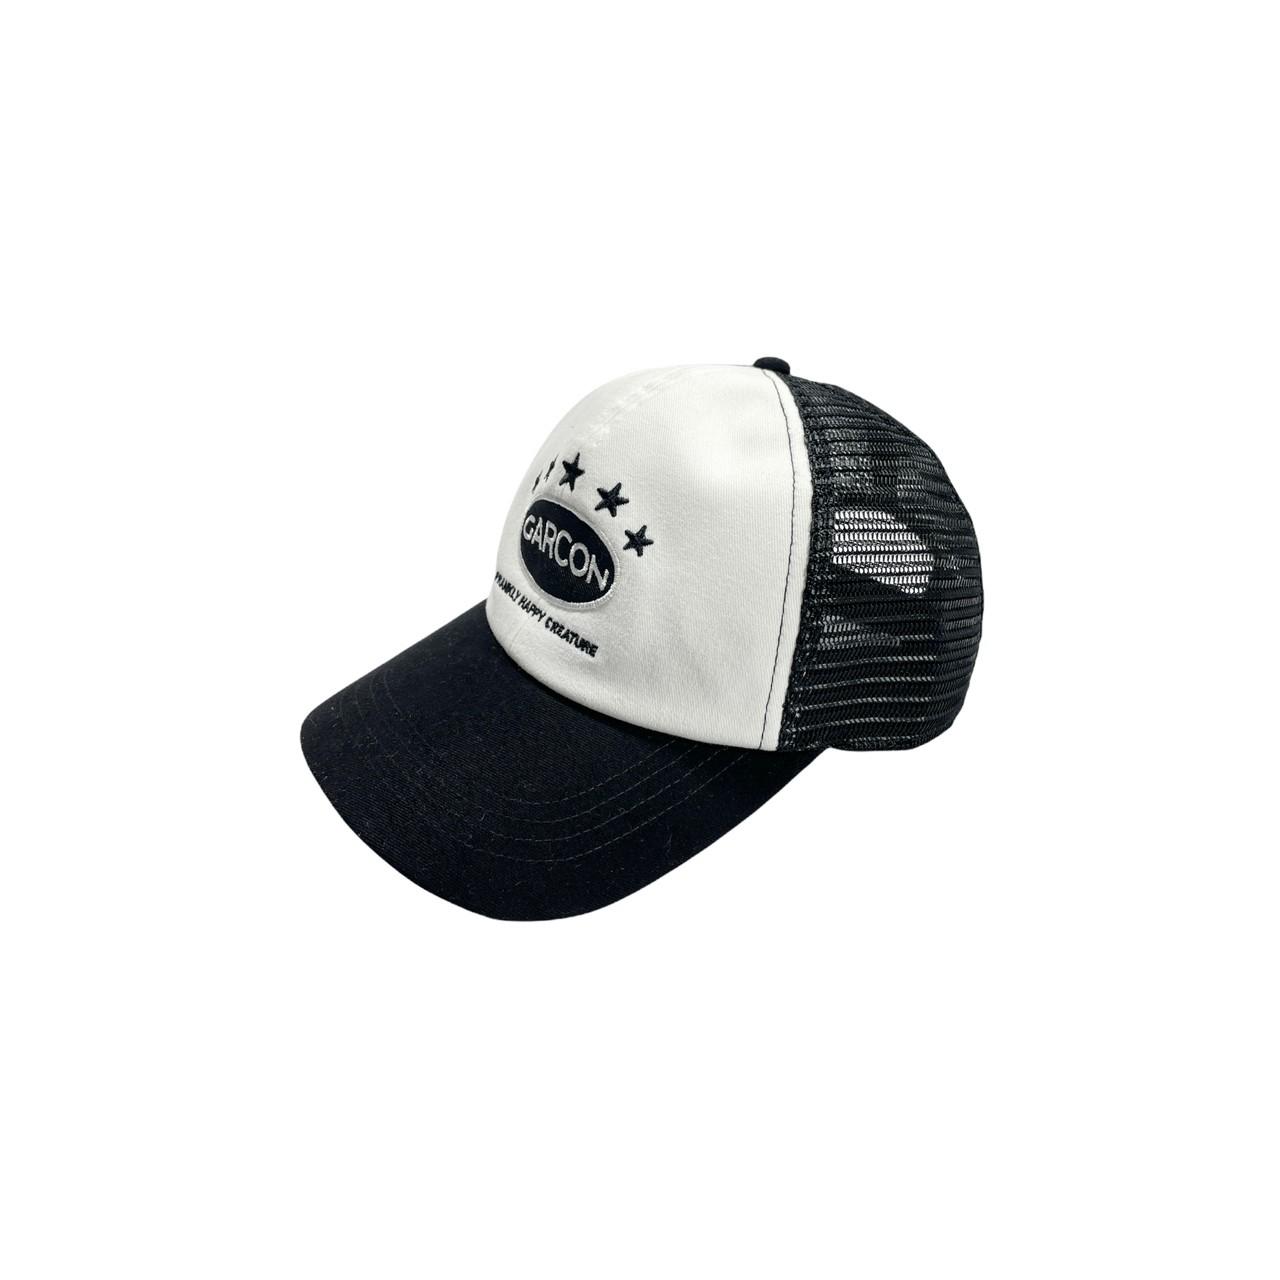 Garcon cap (Happy Creature) Black